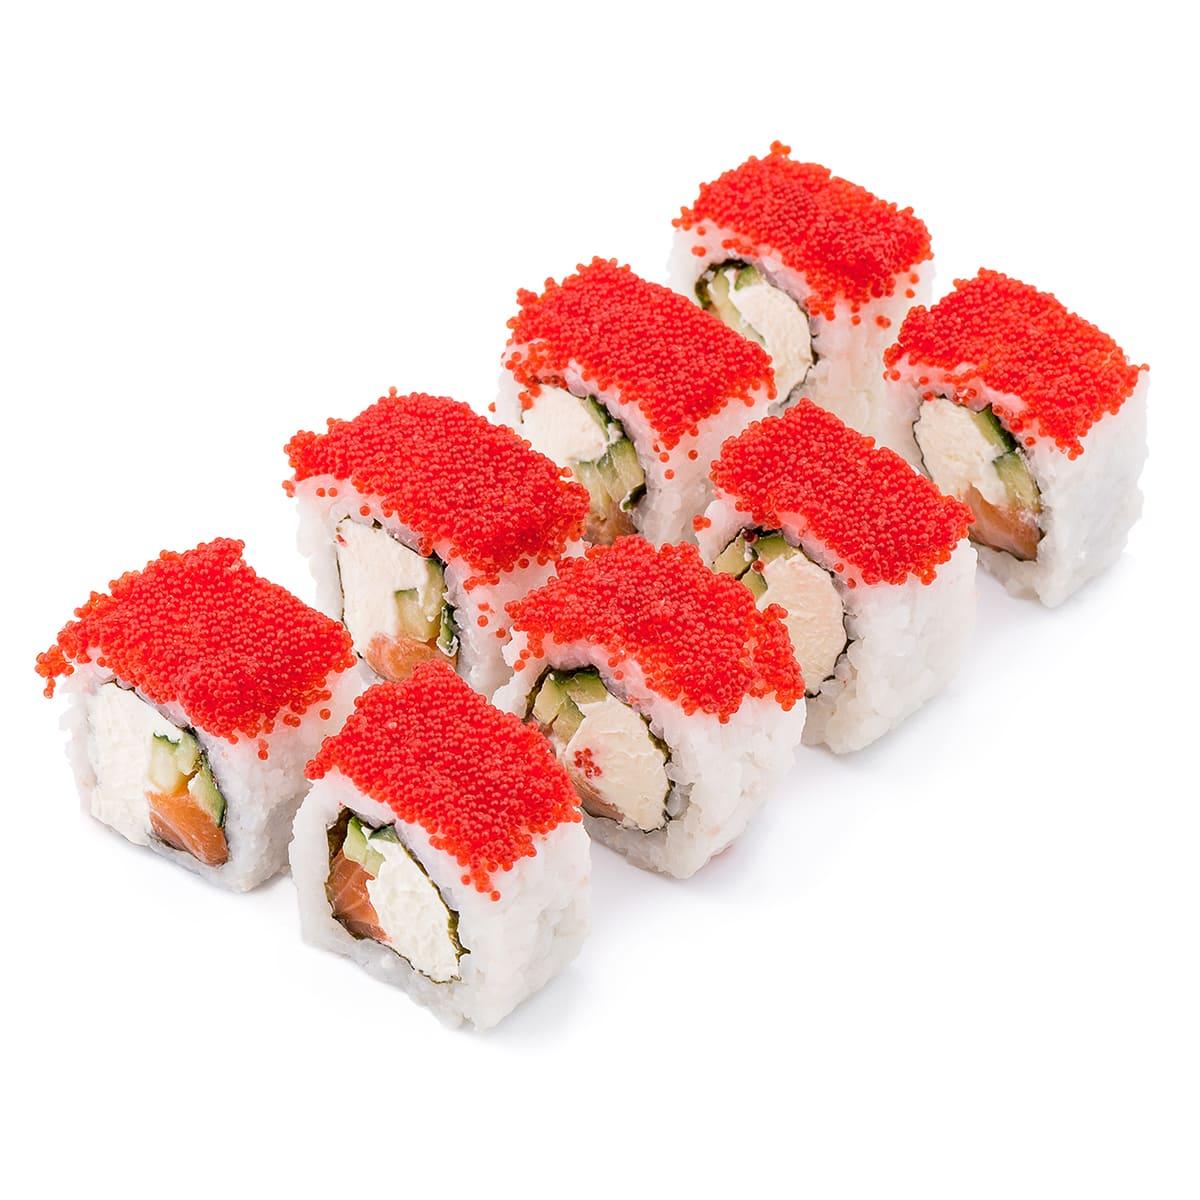 фото красный ролл ирпень суши